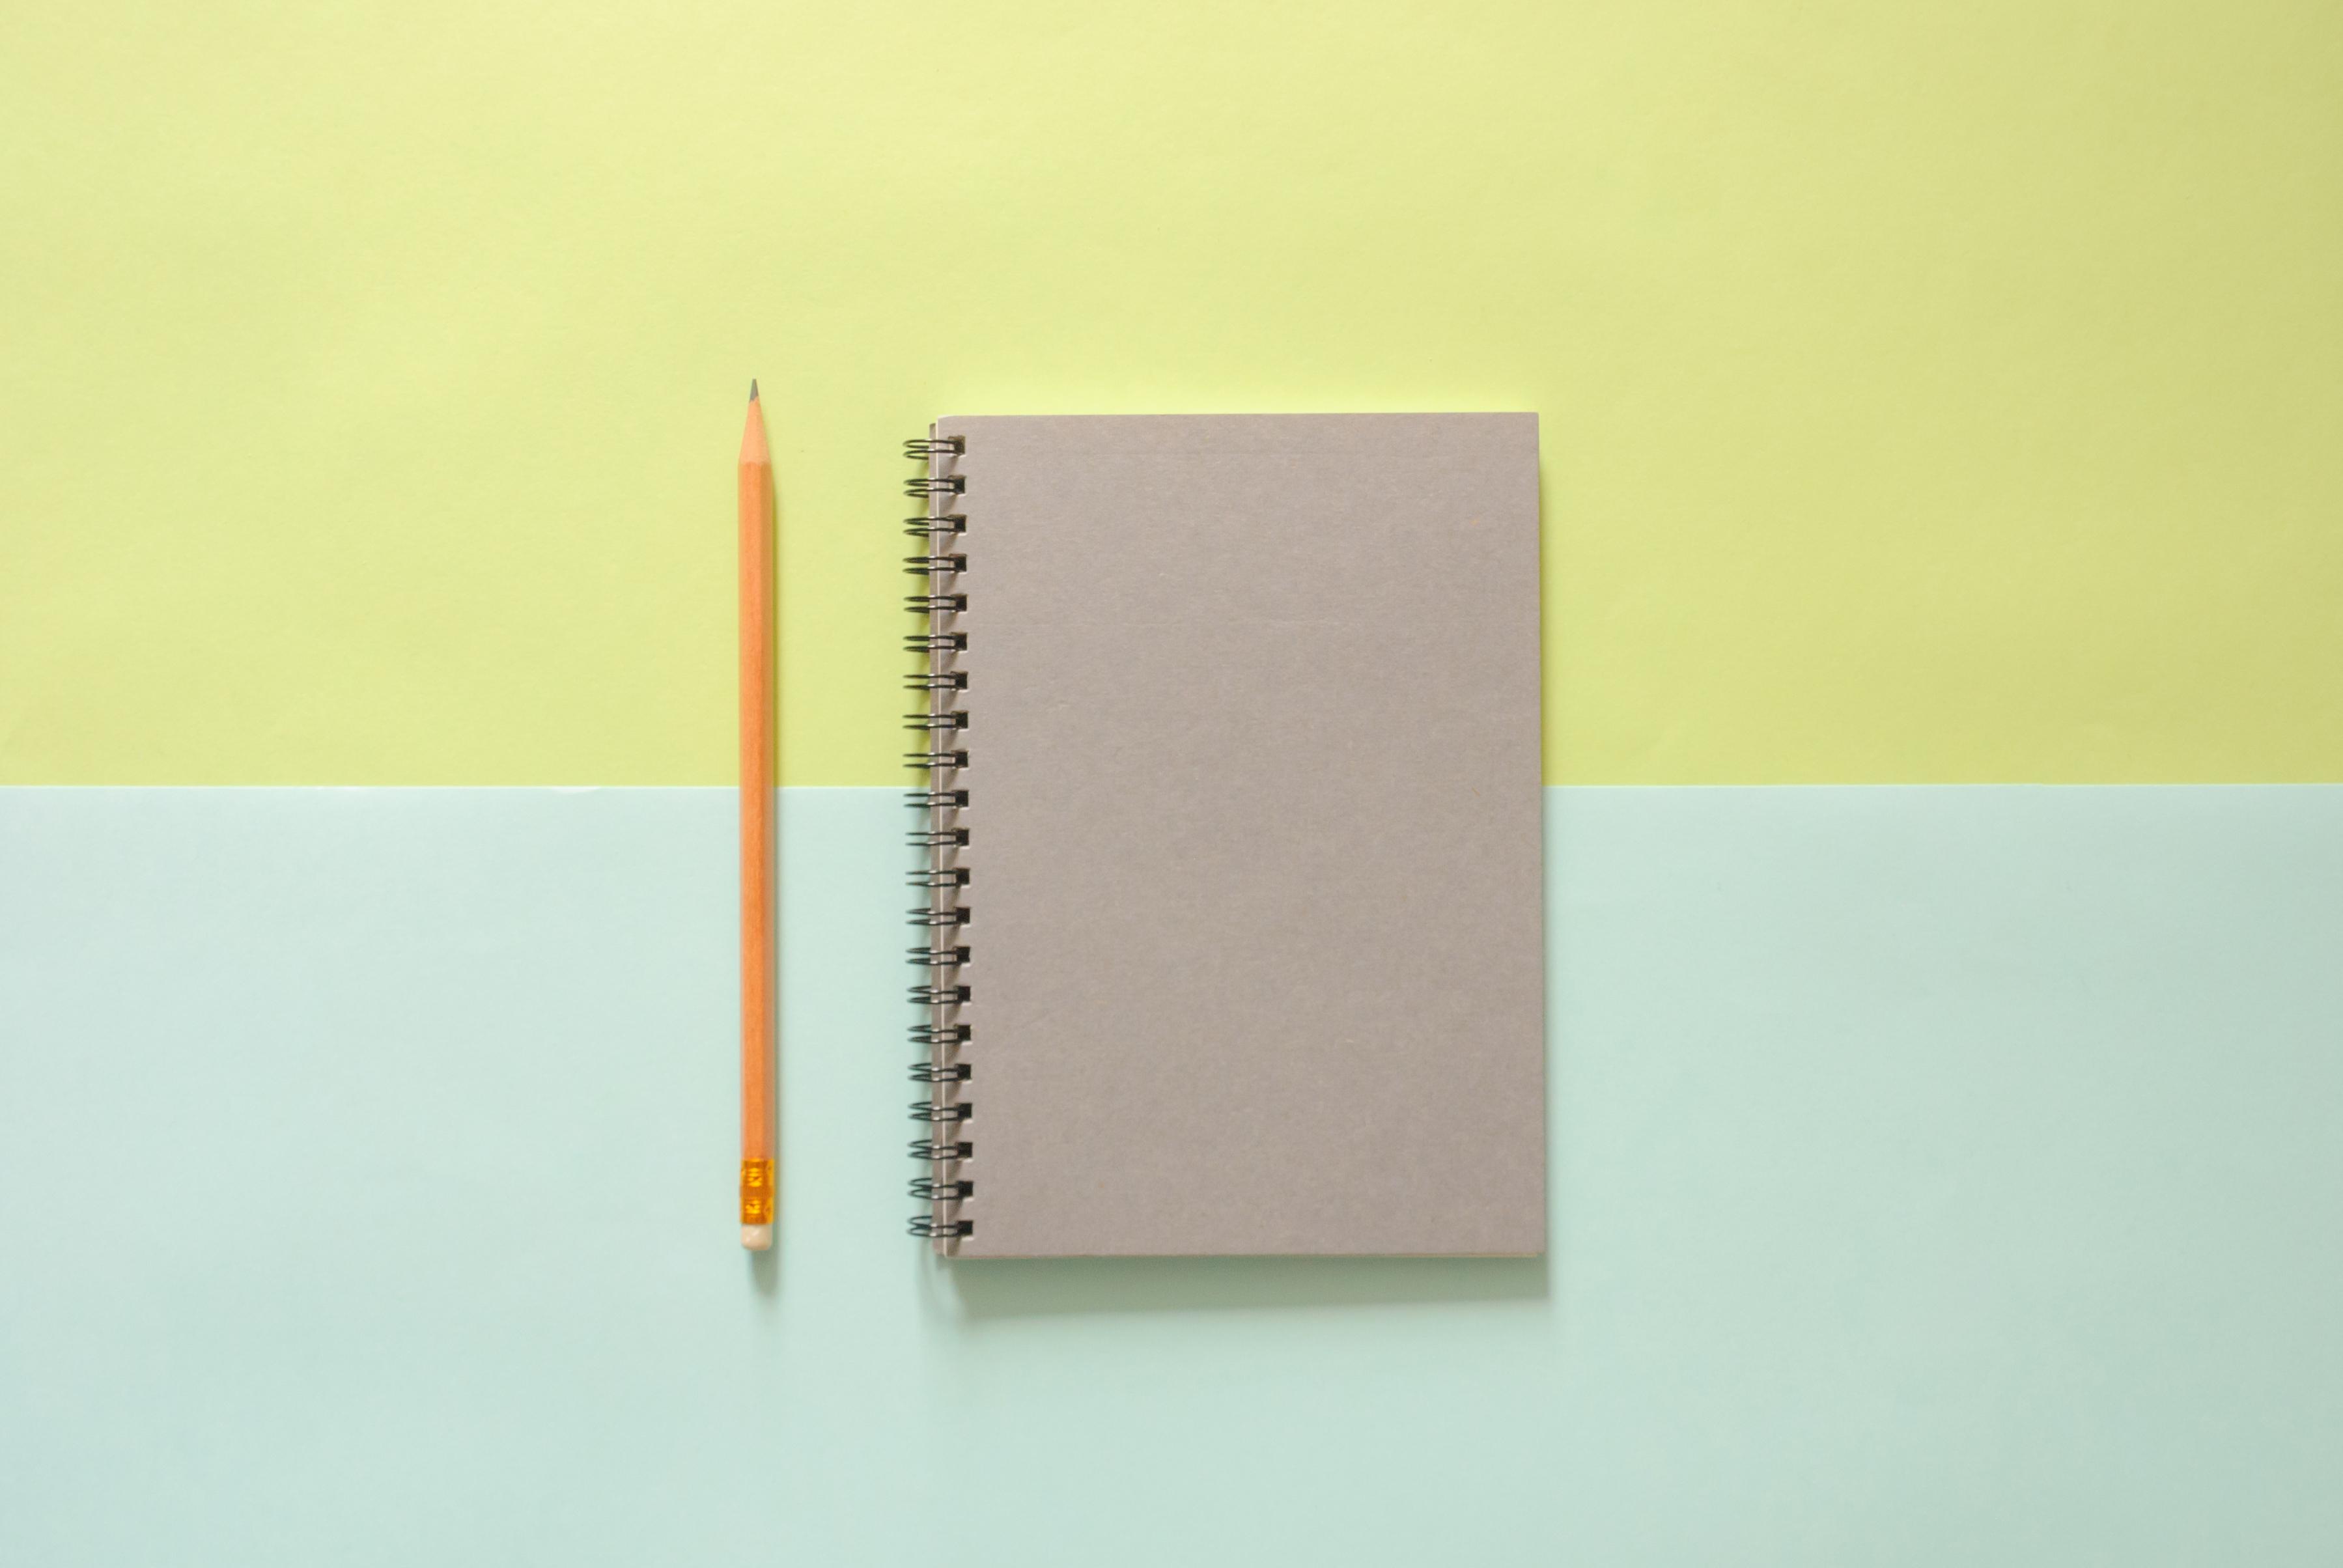 notebook зурган илэрцүүд